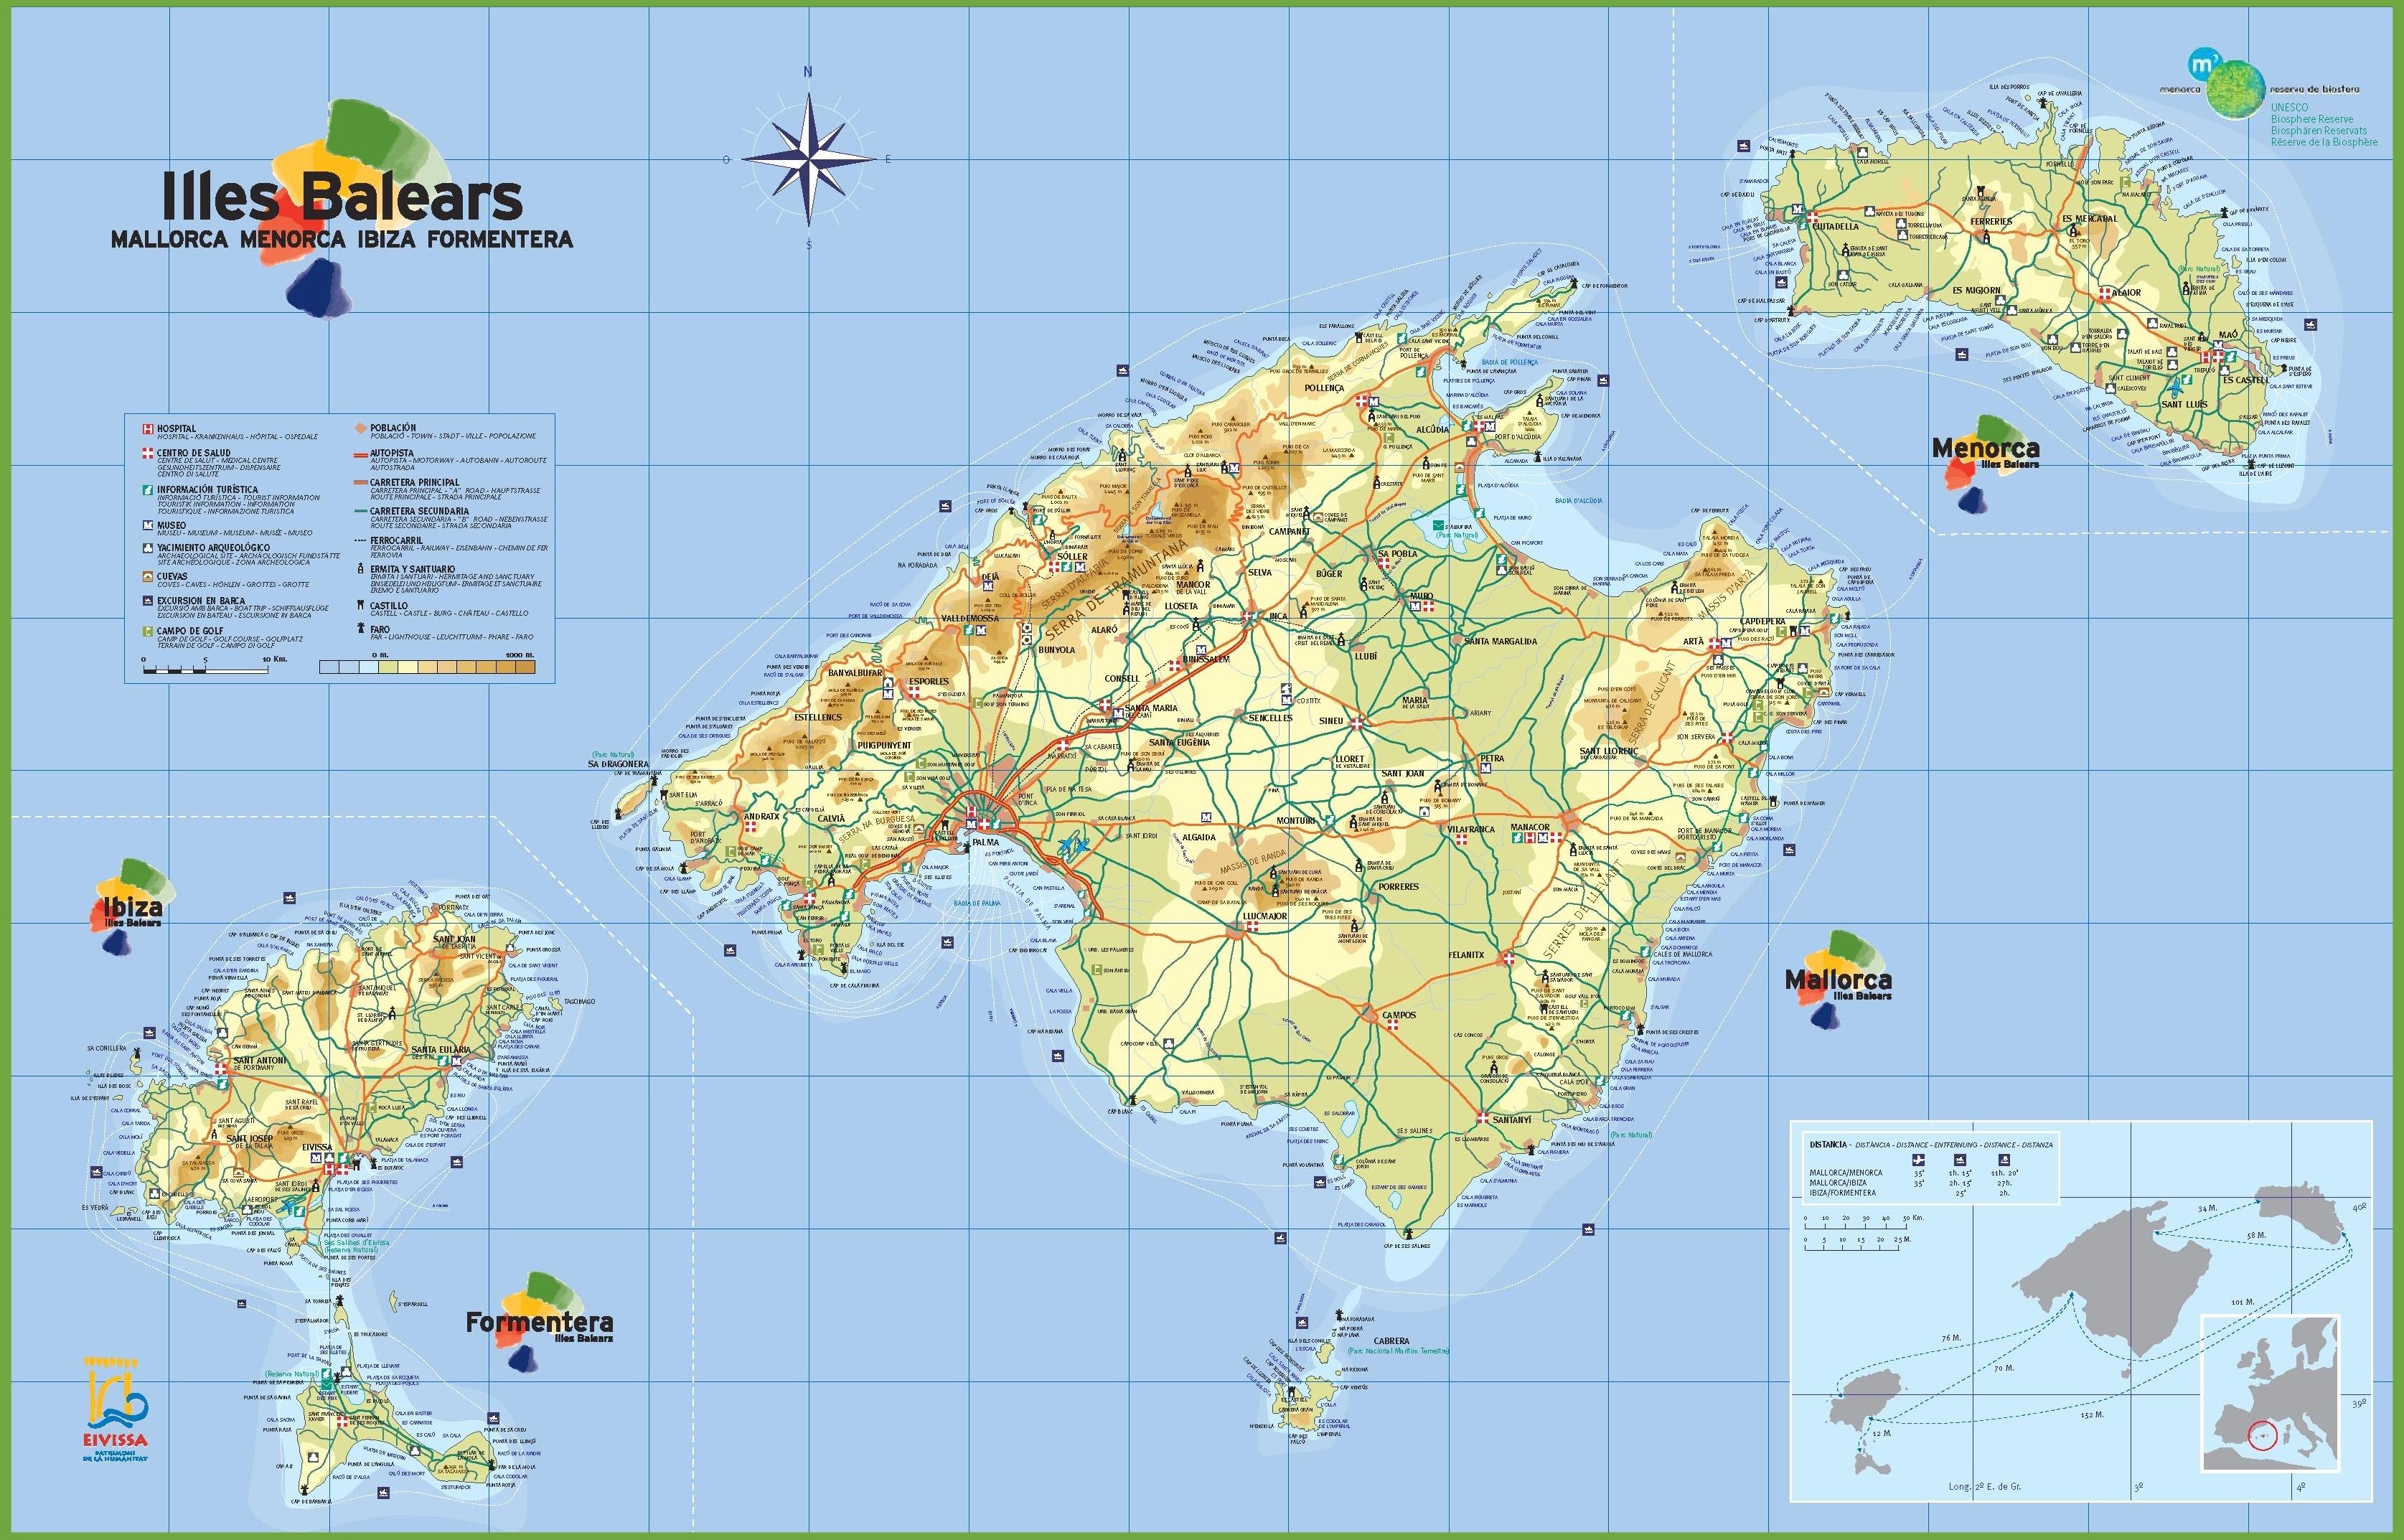 Map Of Balearic Islands Balearic Islands Maps | Spain | Maps of Balearic Islands Map Of Balearic Islands